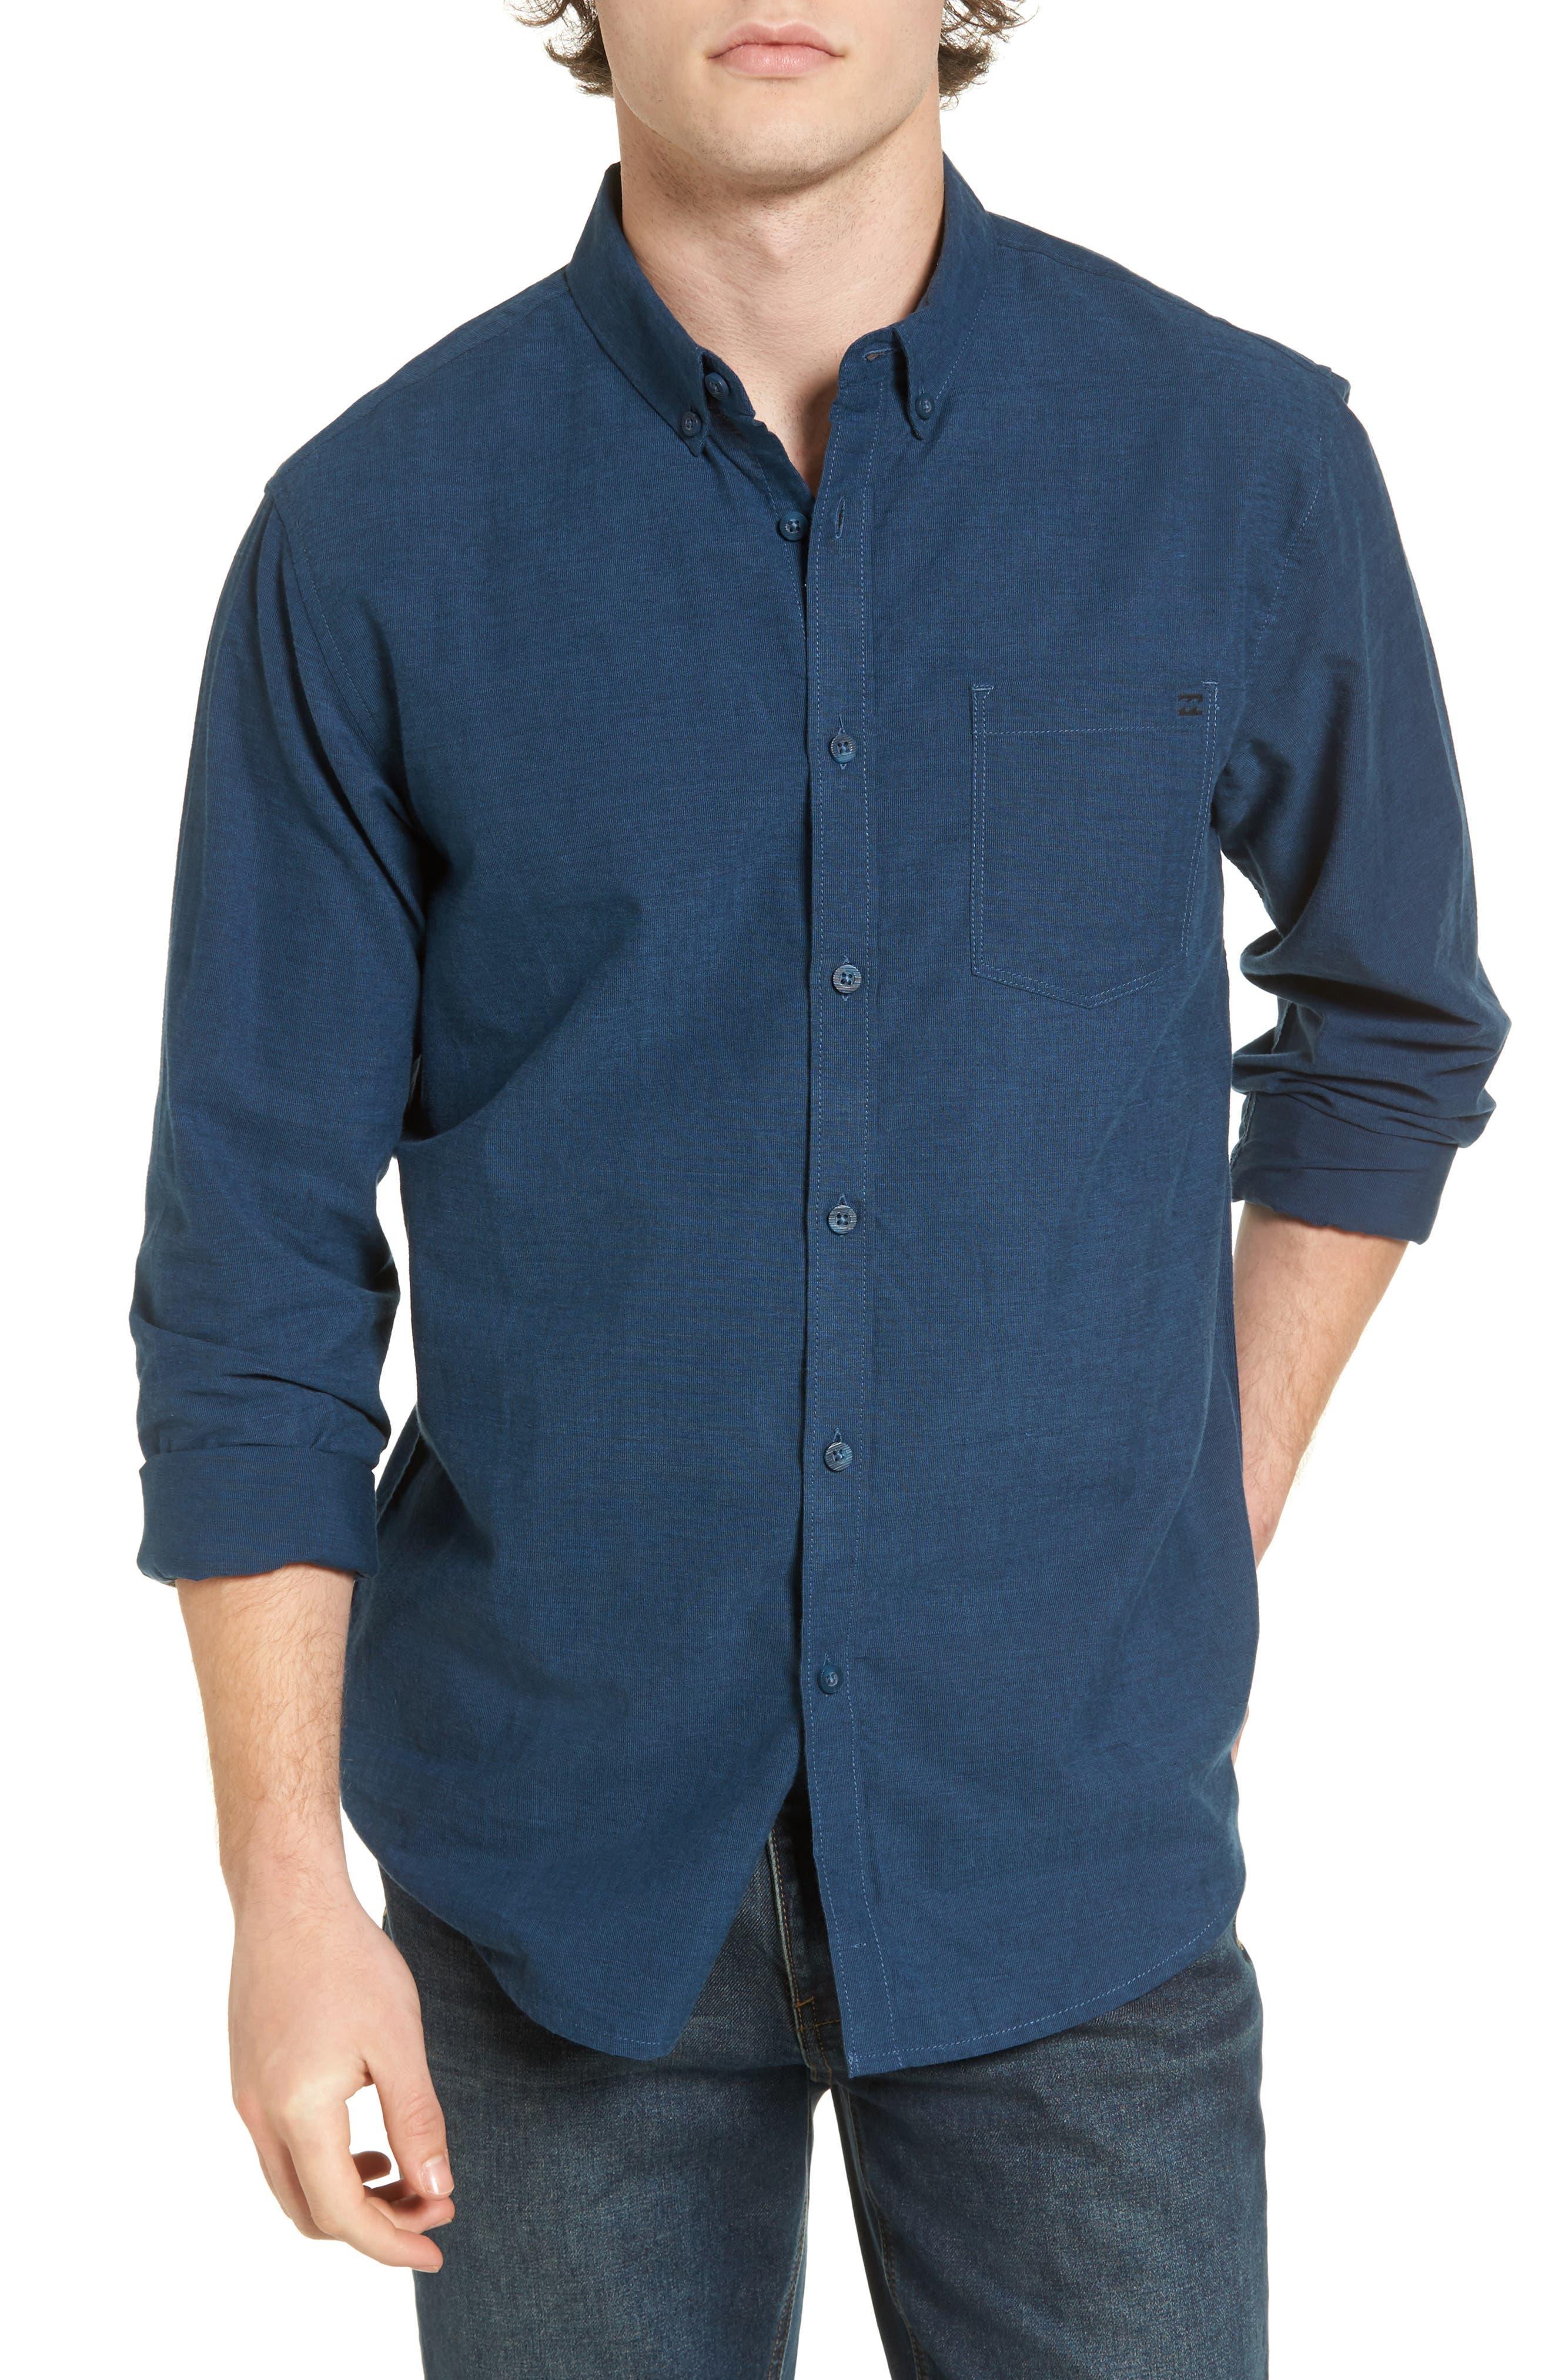 BILLABONG All Day Chambray Shirt